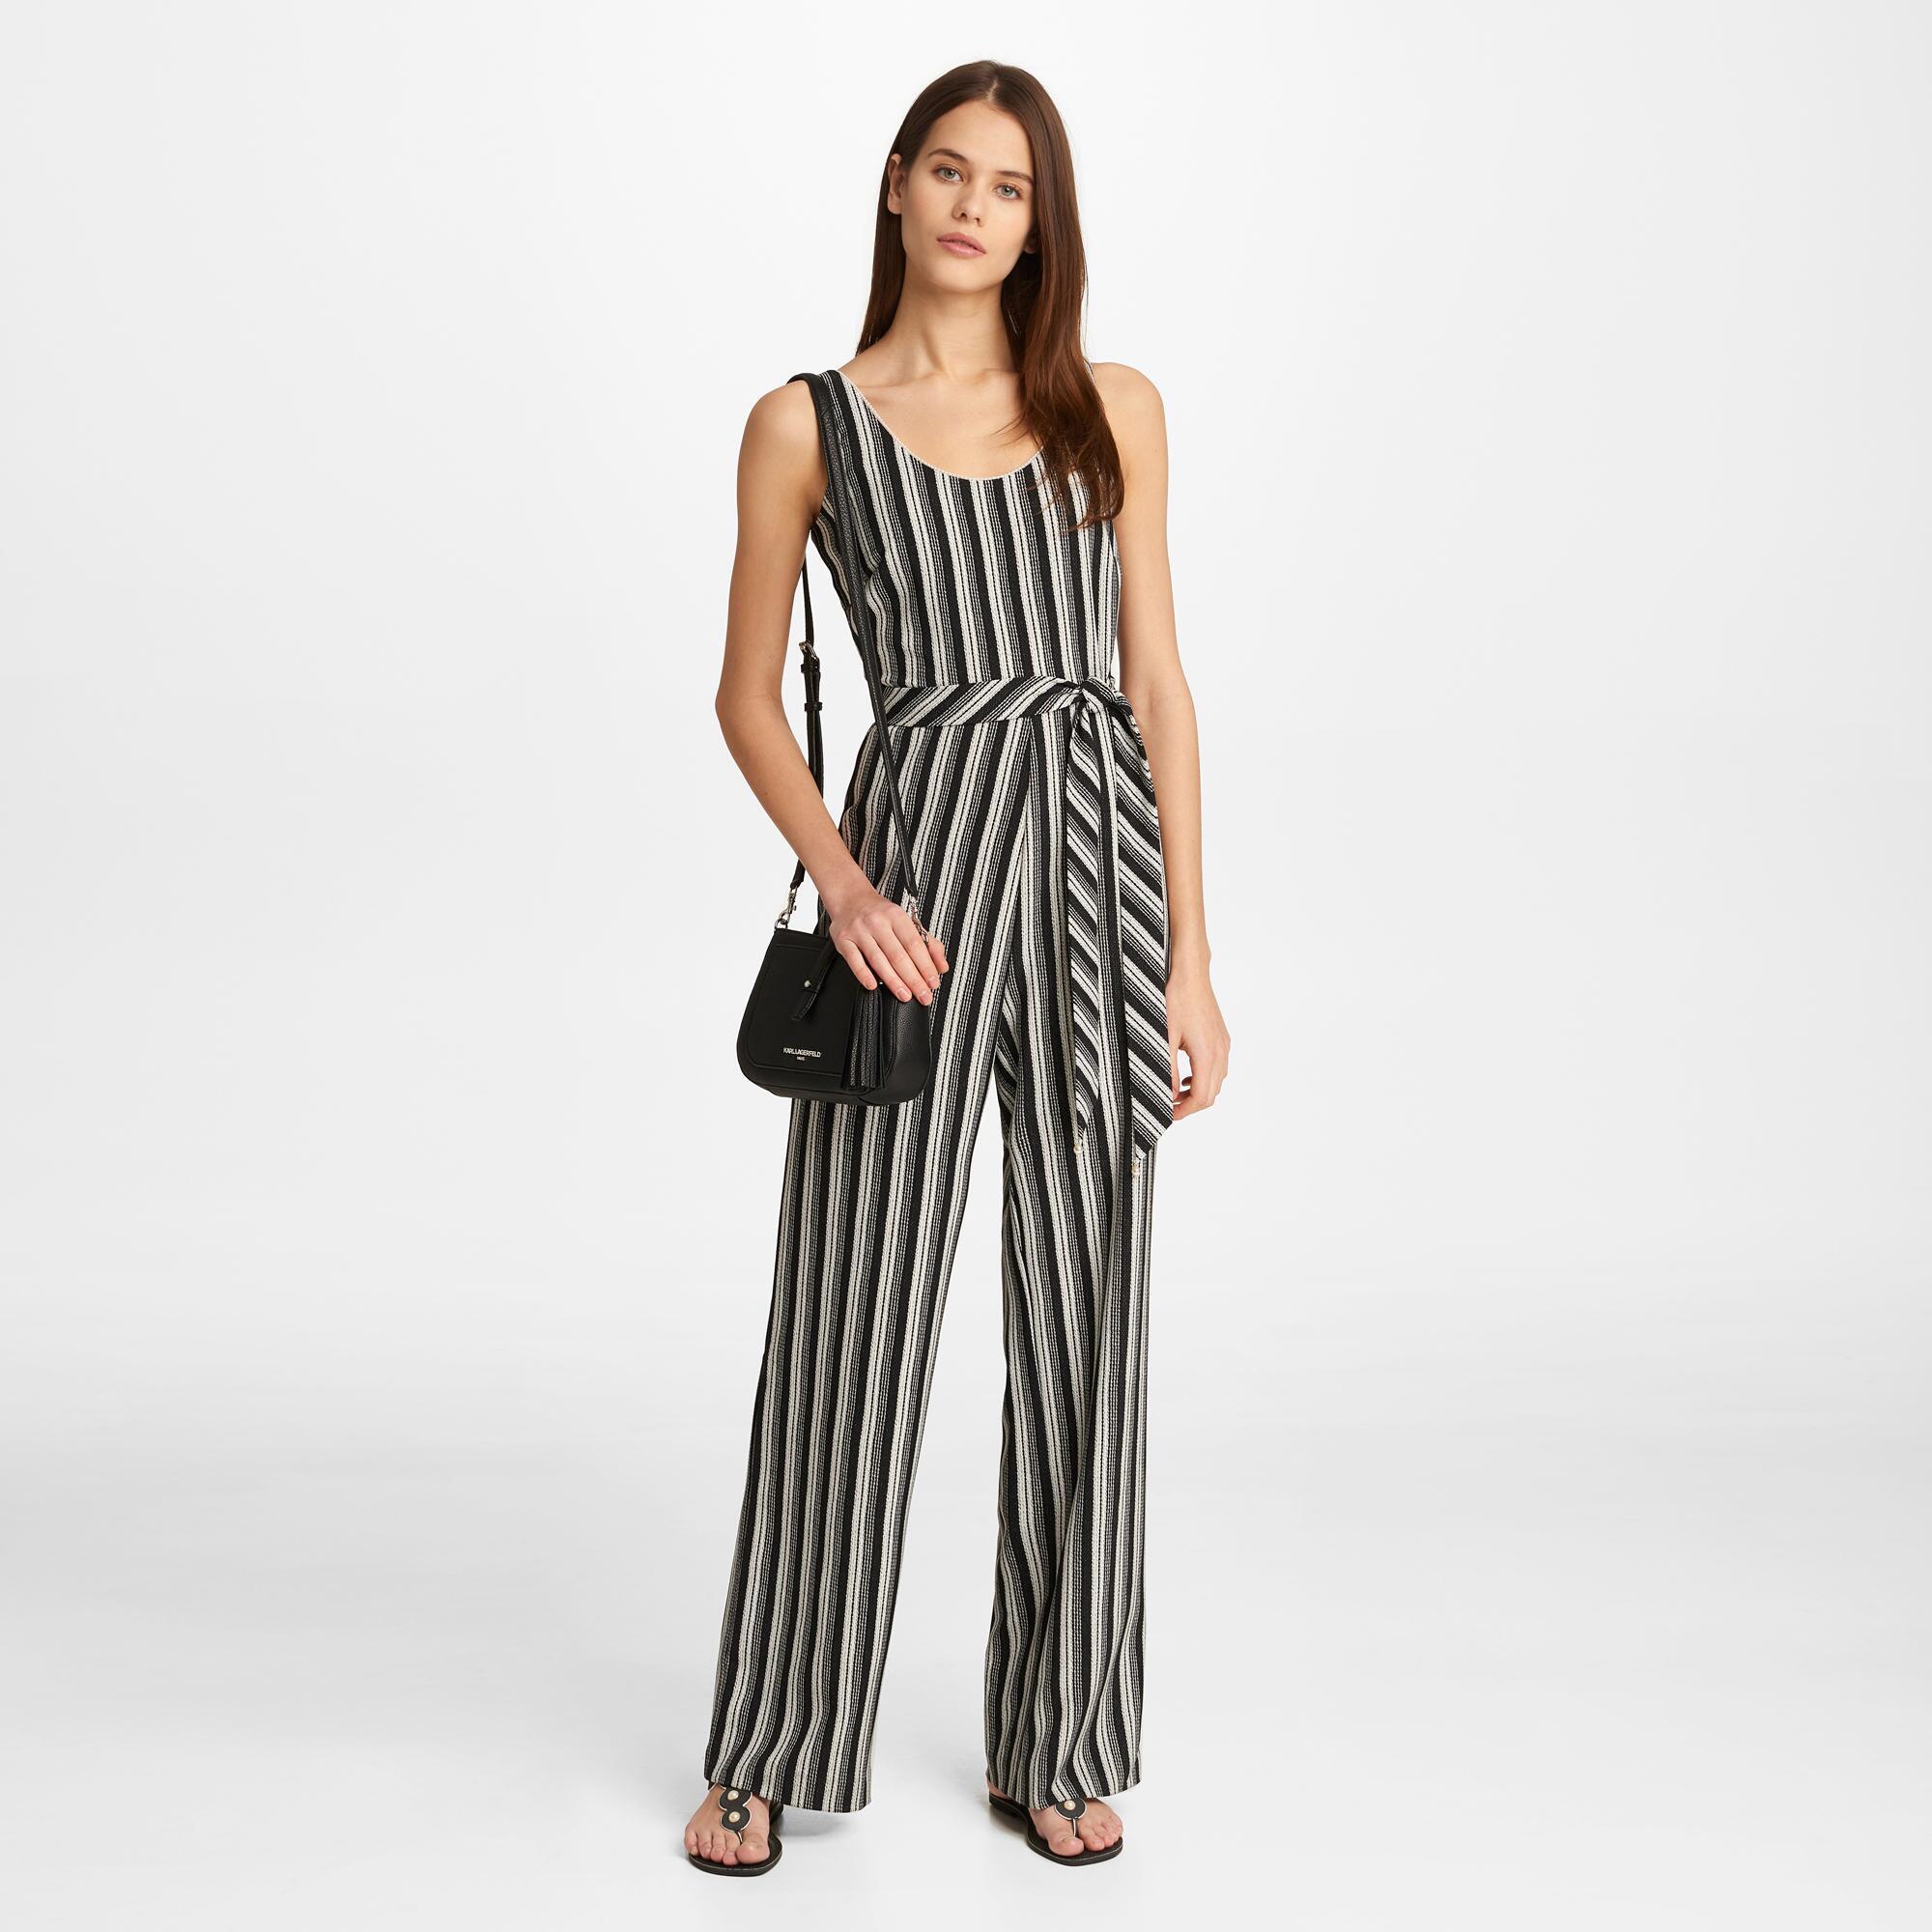 de3cb3c4df00 Lyst - Karl Lagerfeld Striped Jumpsuit in Black